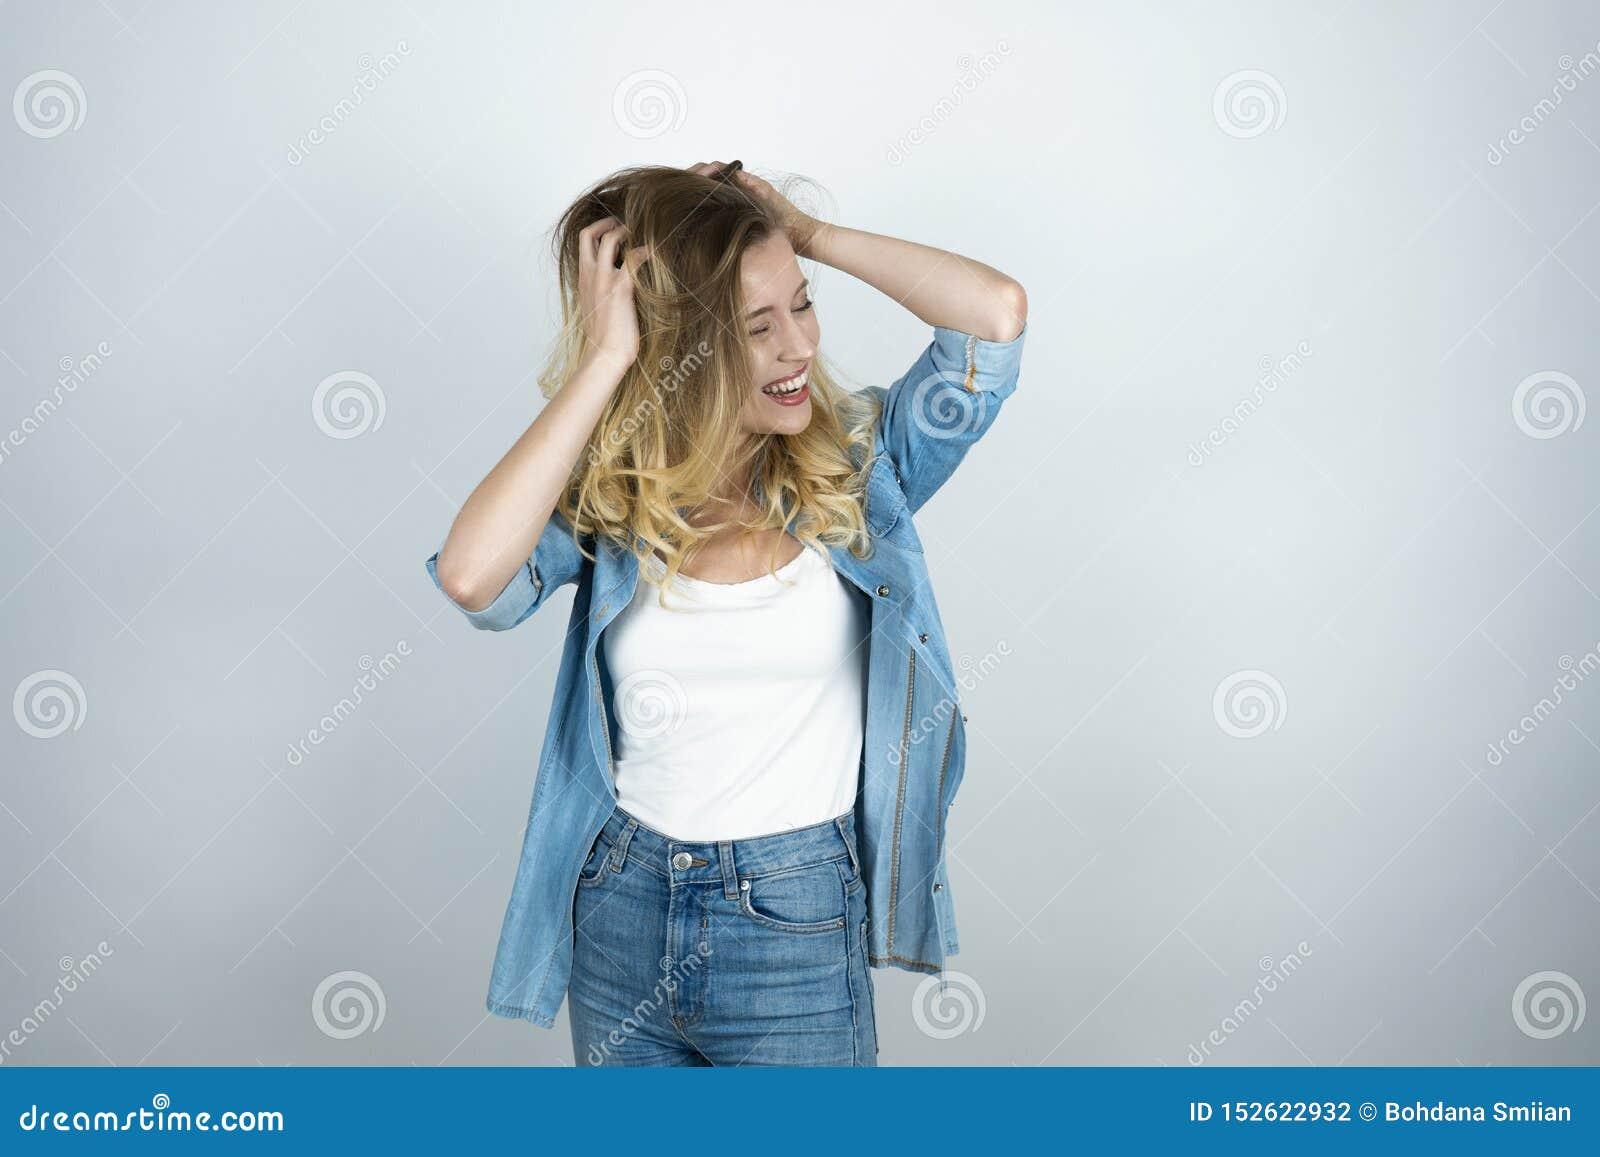 Η ξανθή εκμετάλλευση κοριτσιών δίνει κοντά στο κεφάλι φαίνεται έκπληκτο απομονωμένο λευκό υπόβαθρο χαμόγελου